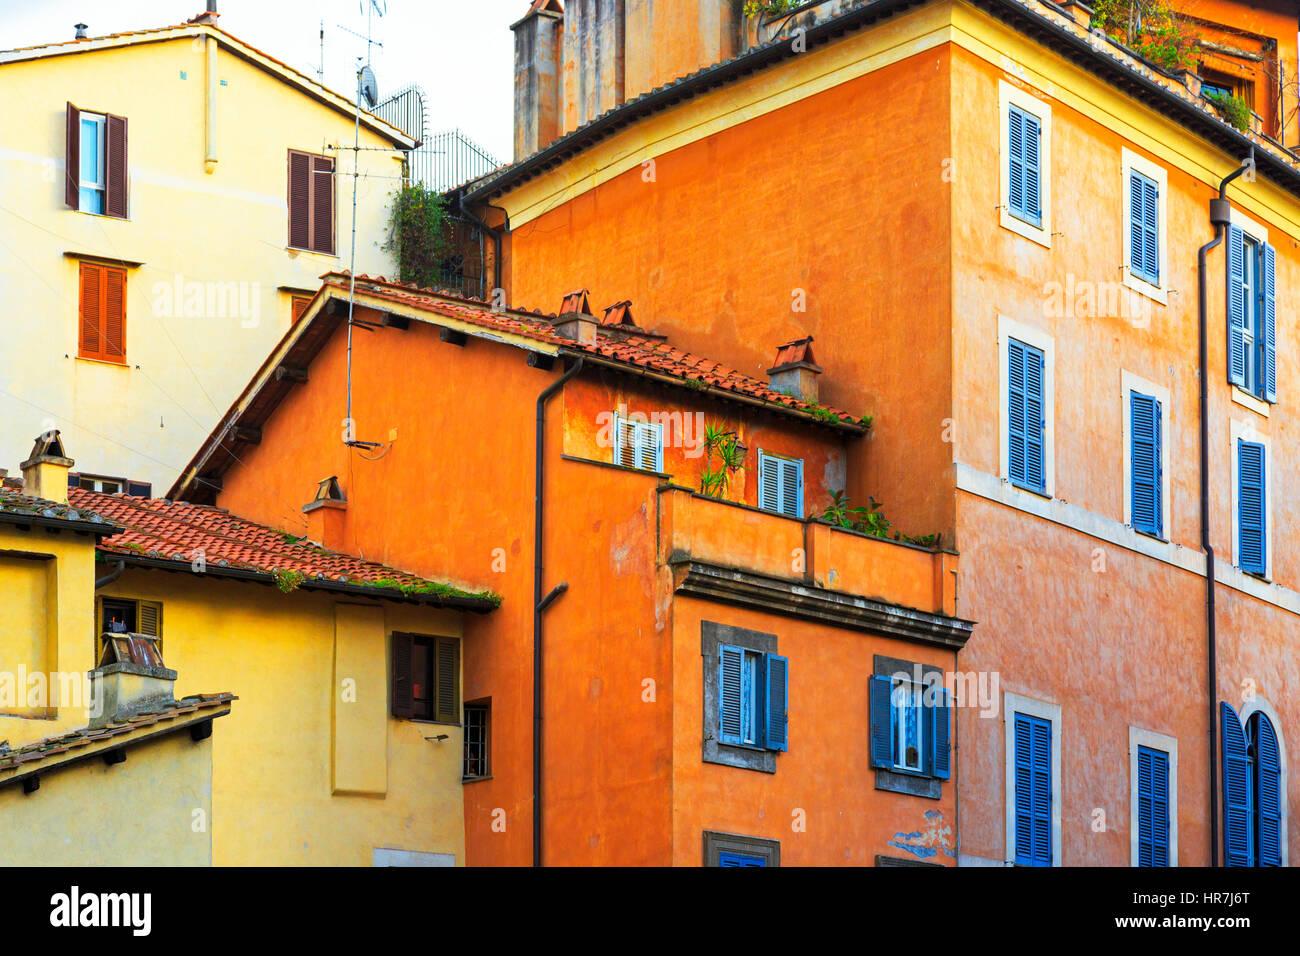 Chambre coloré détail dans quartier résidentiel de Rome, Italie Photo Stock